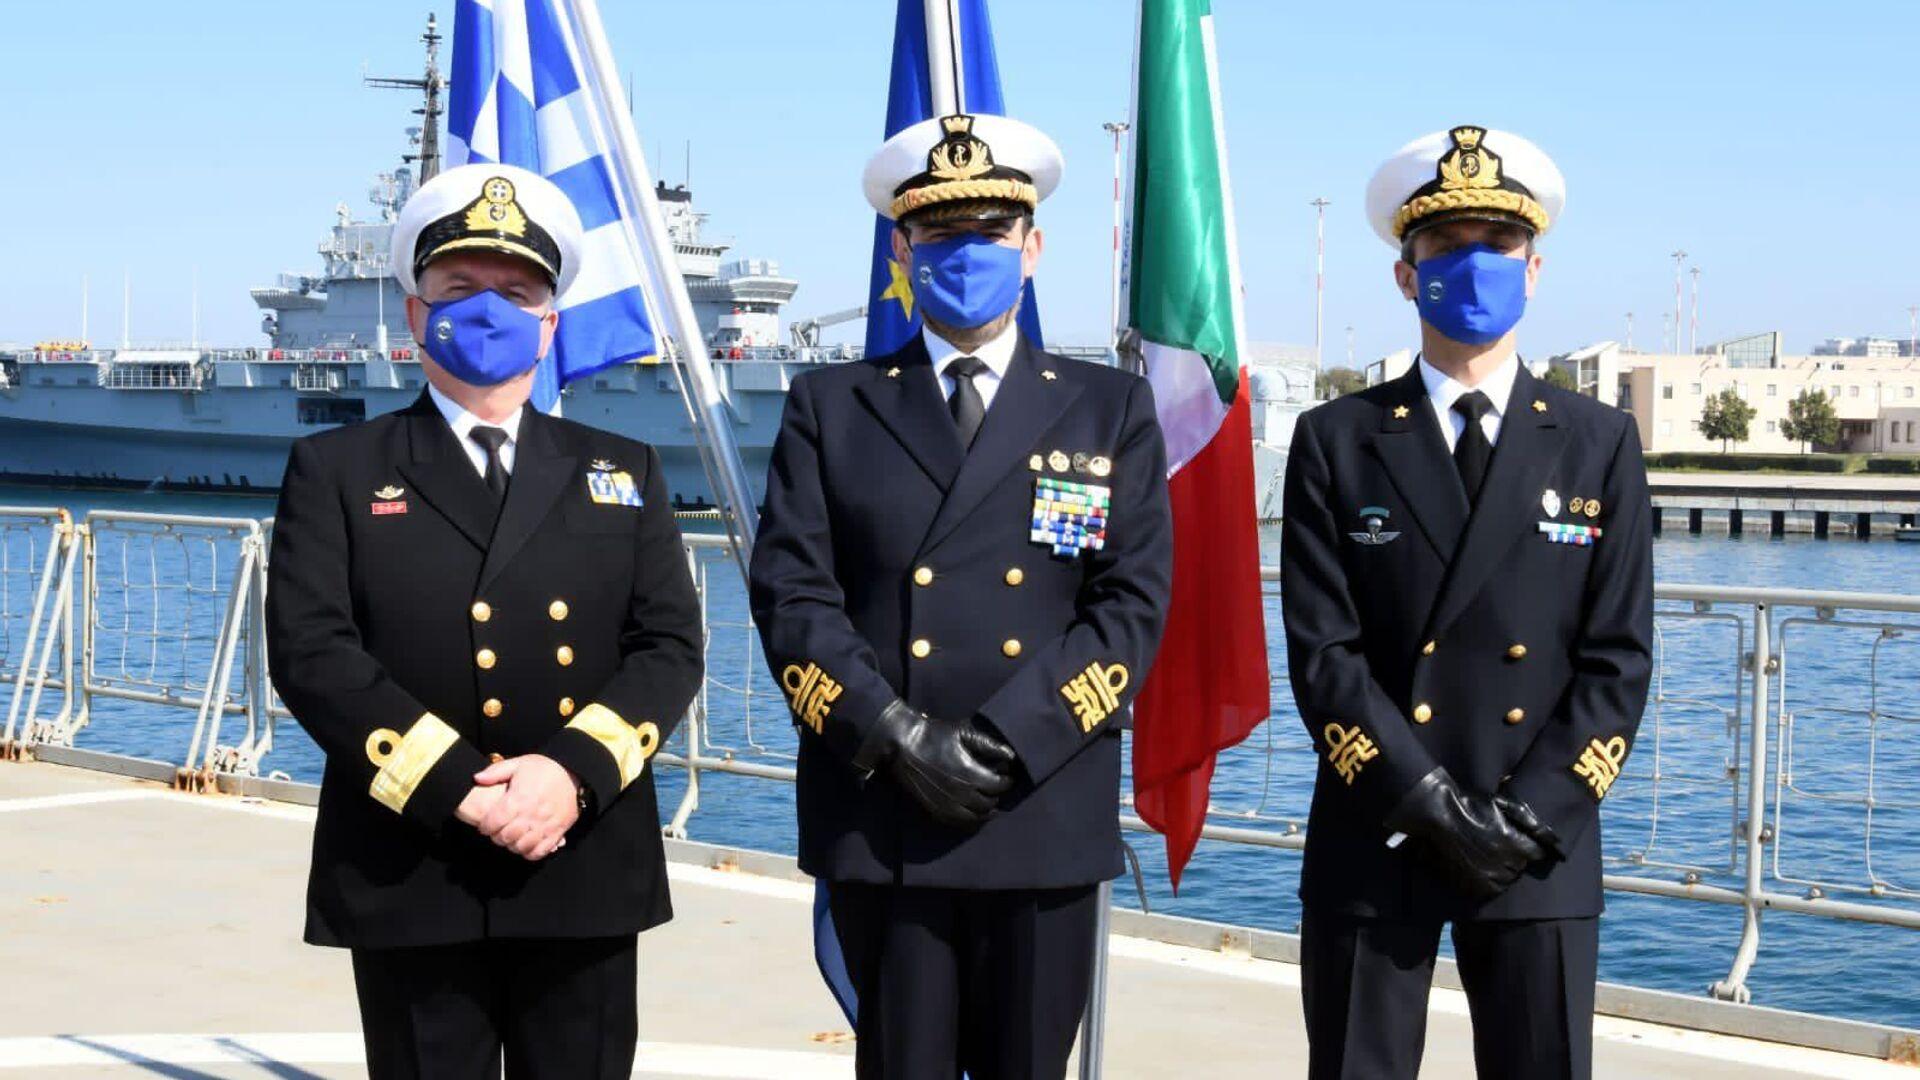 Ammiraglio Fabio Agostini all'insediamento del nuovo Force Commander dell'Operazione EUNAVFOR MED IRINI, il Contrammiraglio della Marina Militare italiana, Stefano Frumento - Sputnik Italia, 1920, 01.04.2021